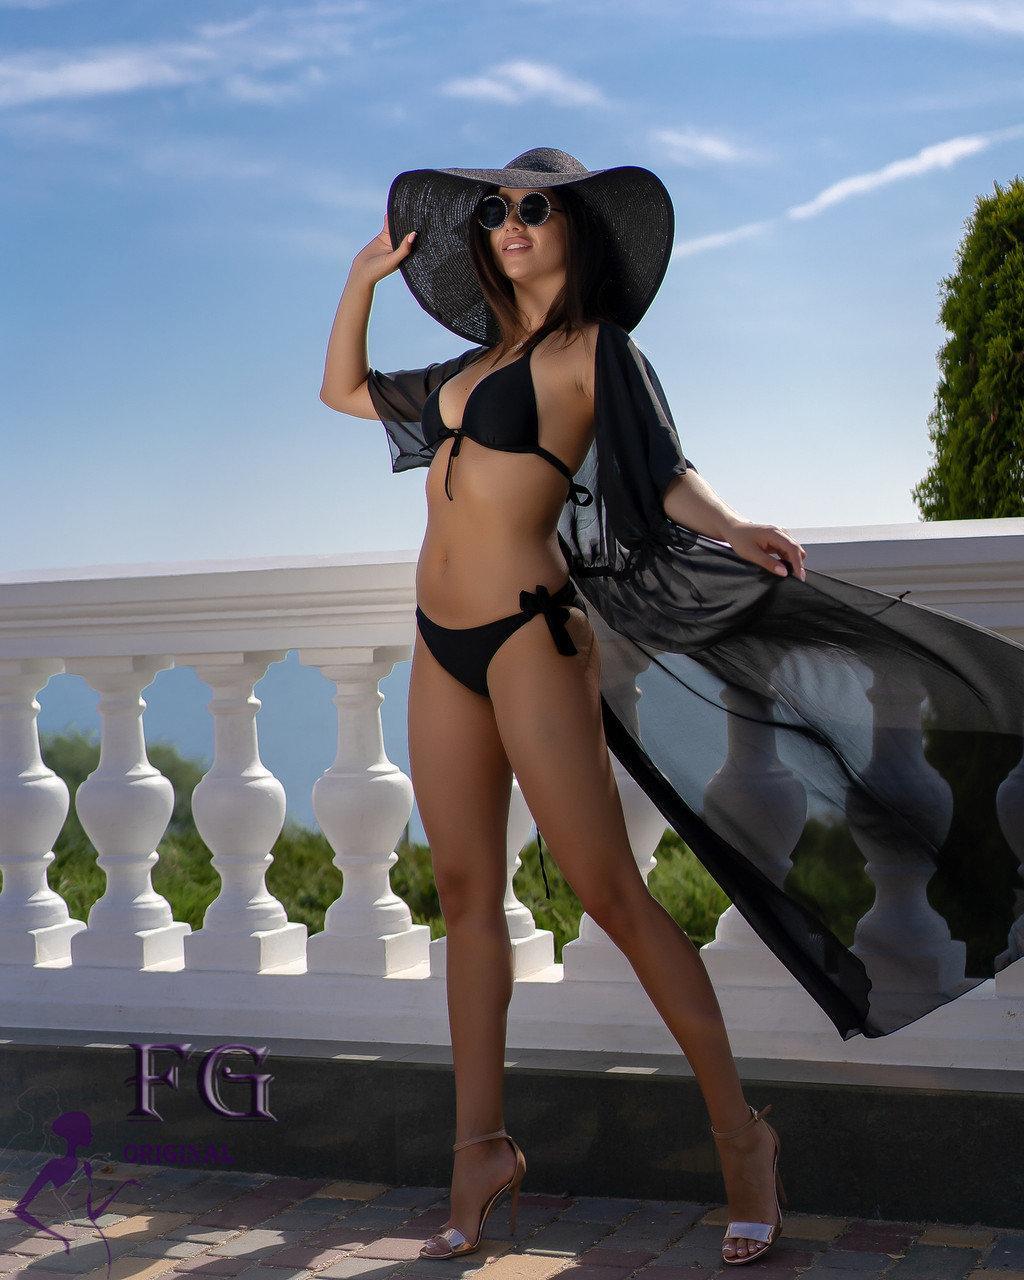 Черный пляжный халат - 42-44р. (бюст 84-88см, длина 142-145см), шифон